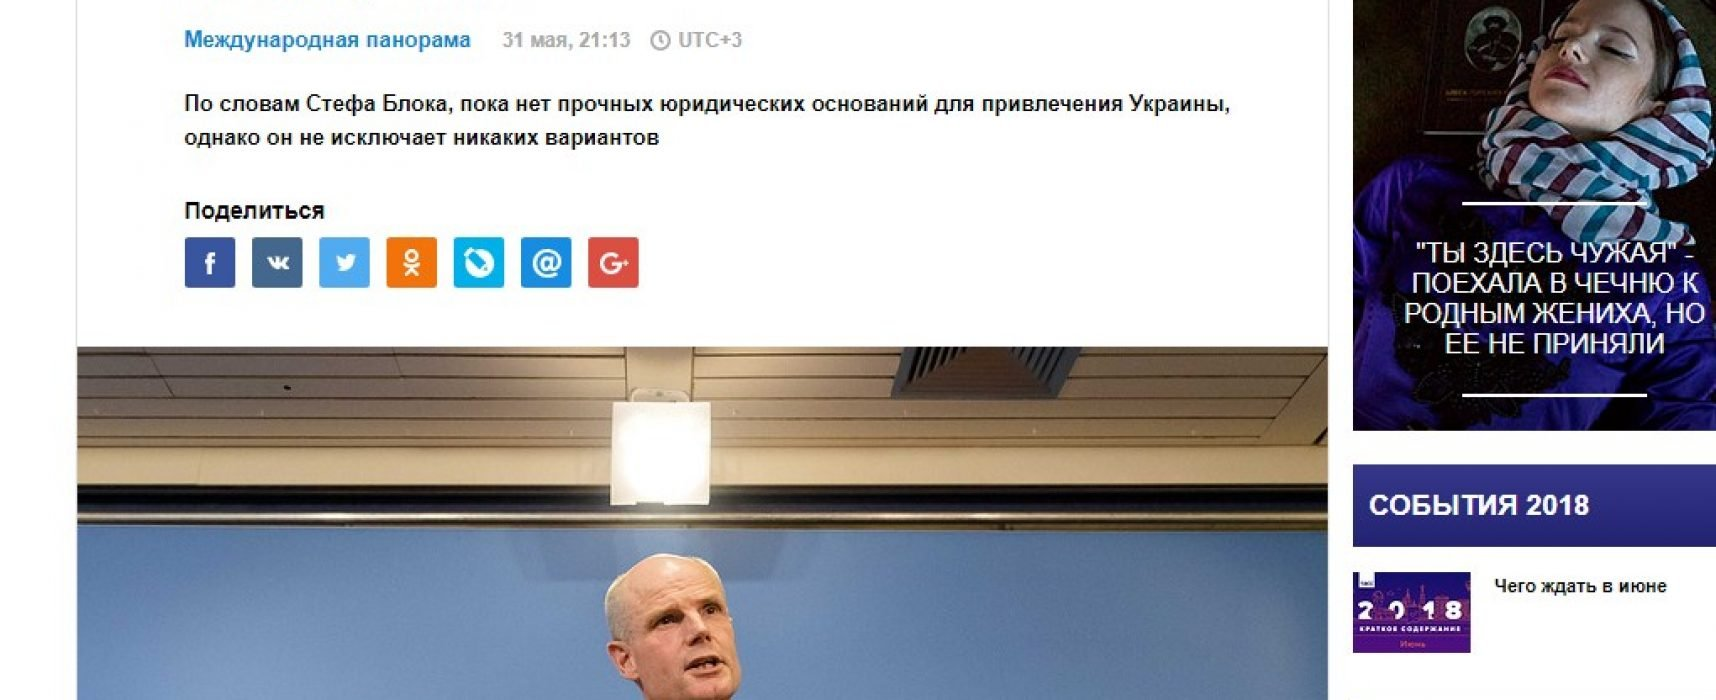 Manipulation: Niederländischer Außenminister schließt Kiewer Beteiligung am MH17-Absturz nicht aus